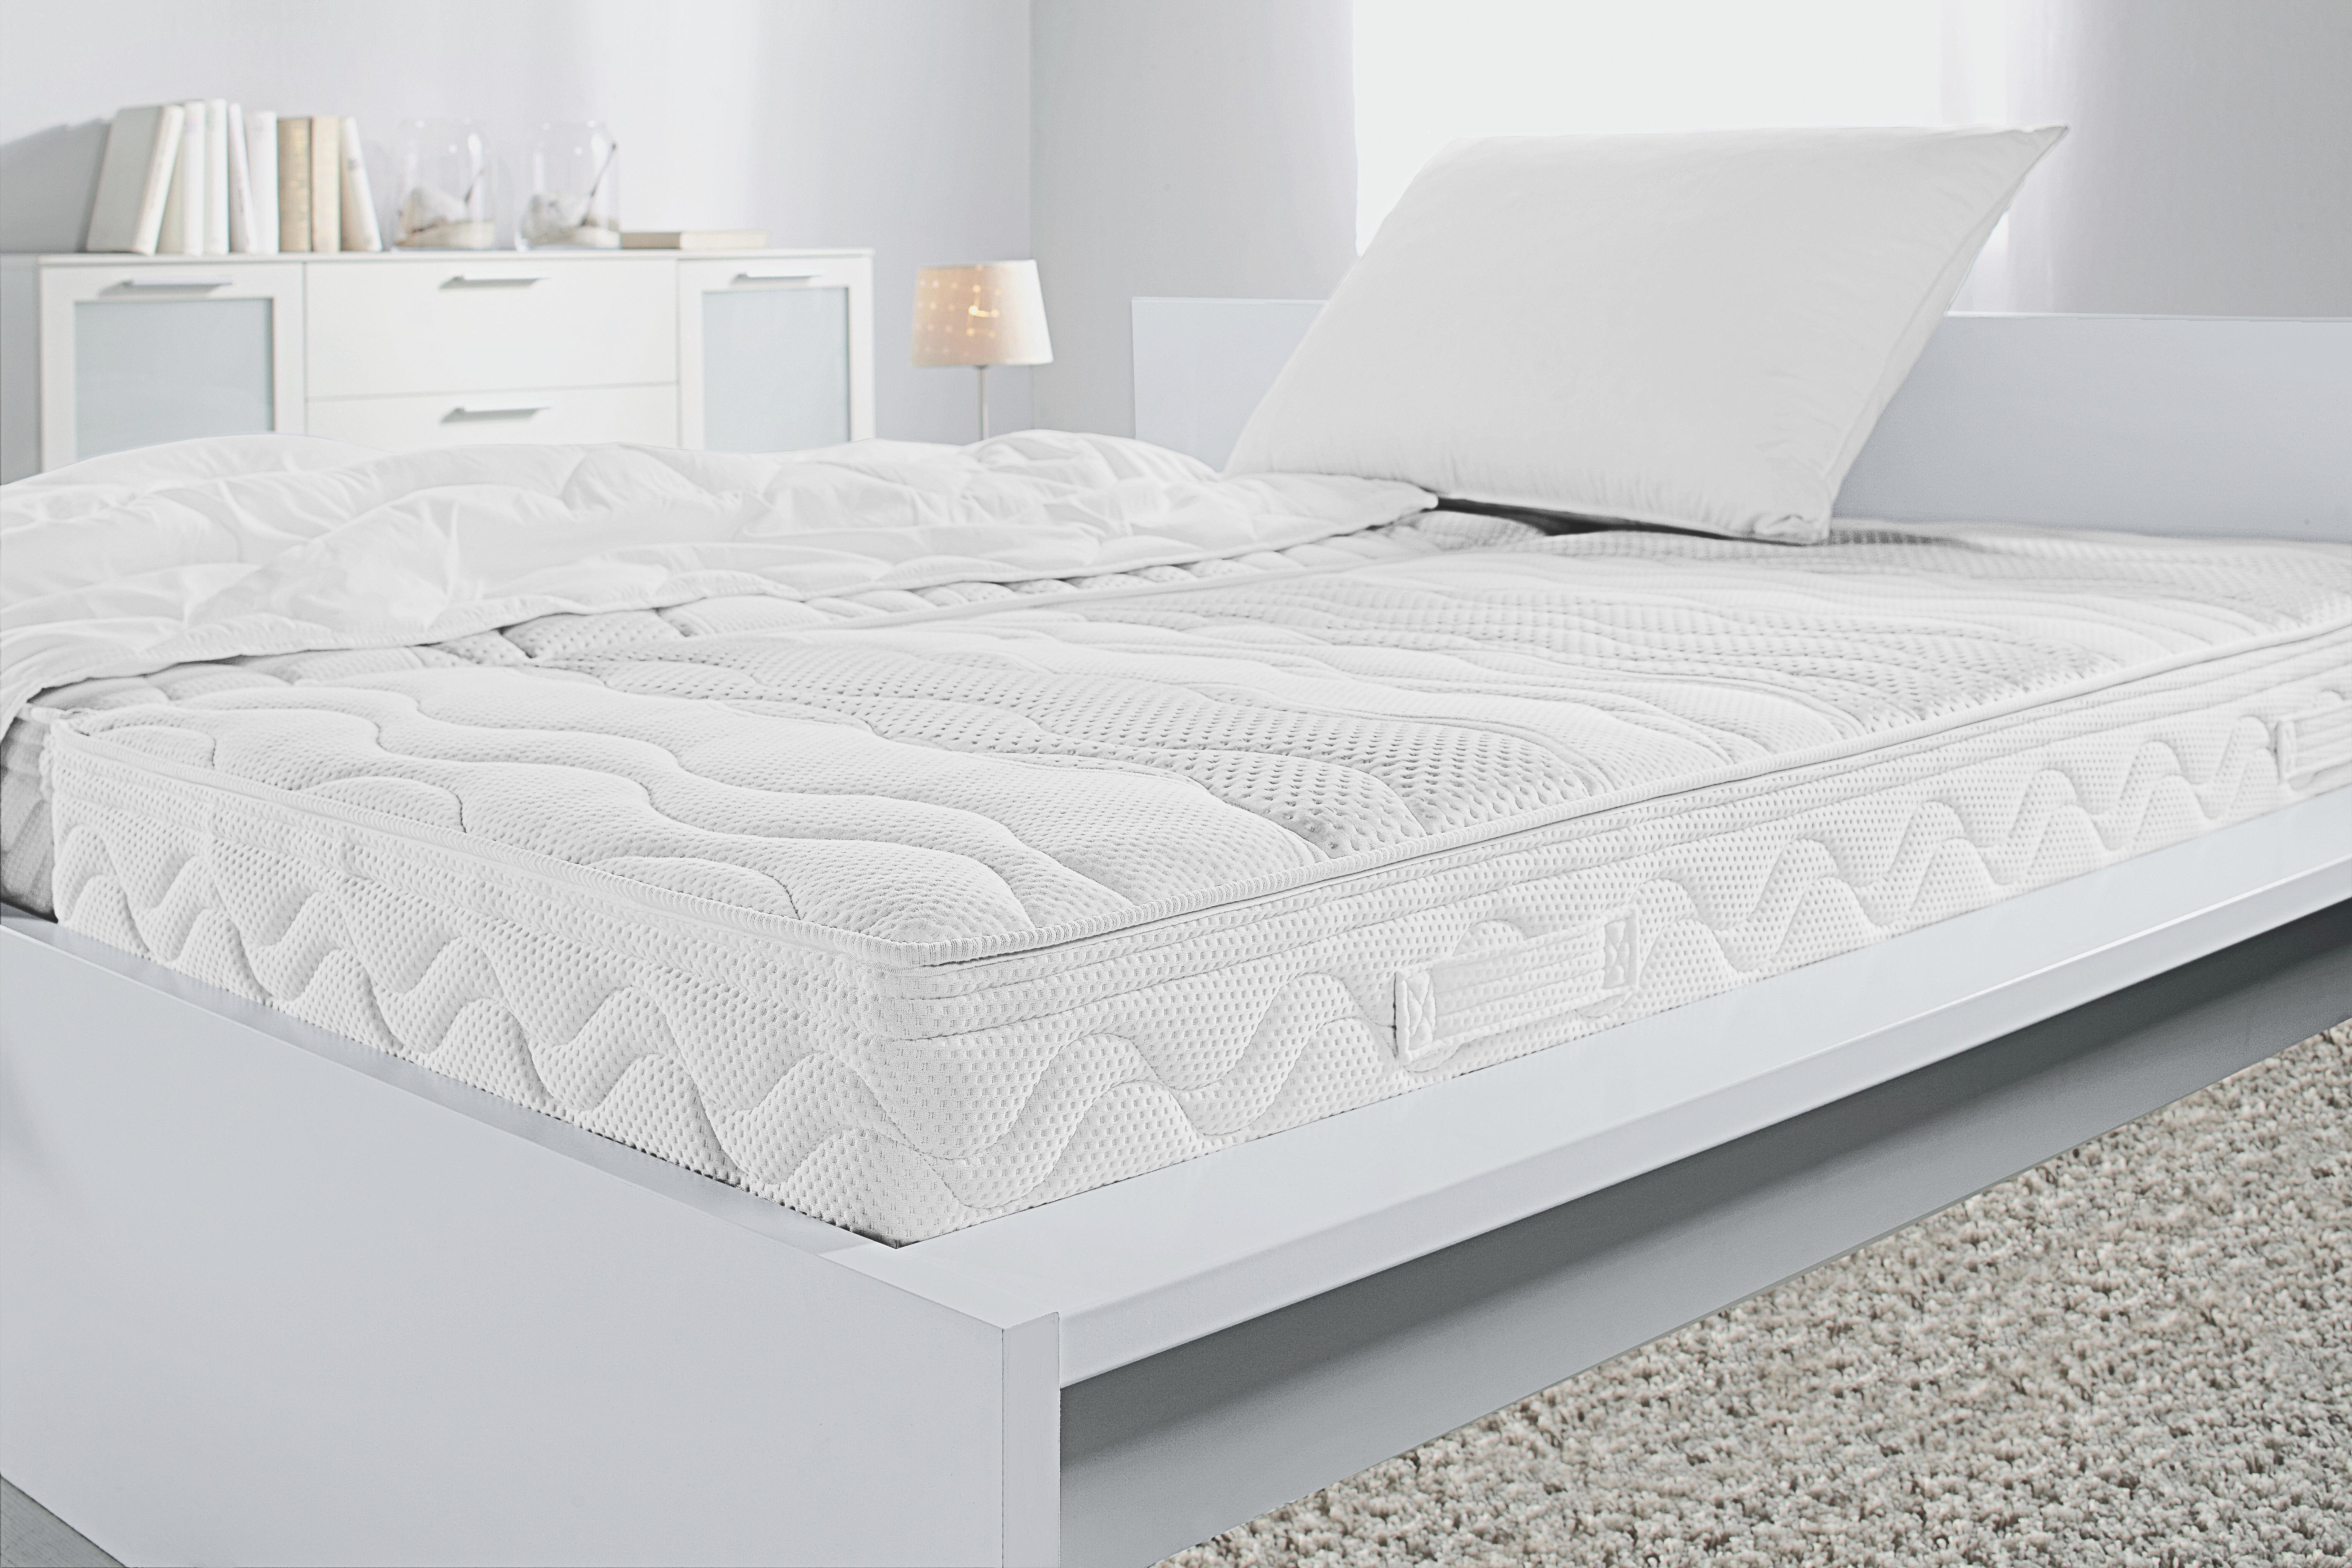 Kaltschaummatratze ca. 140x200cm - Textil (200/140/20cm) - NADANA